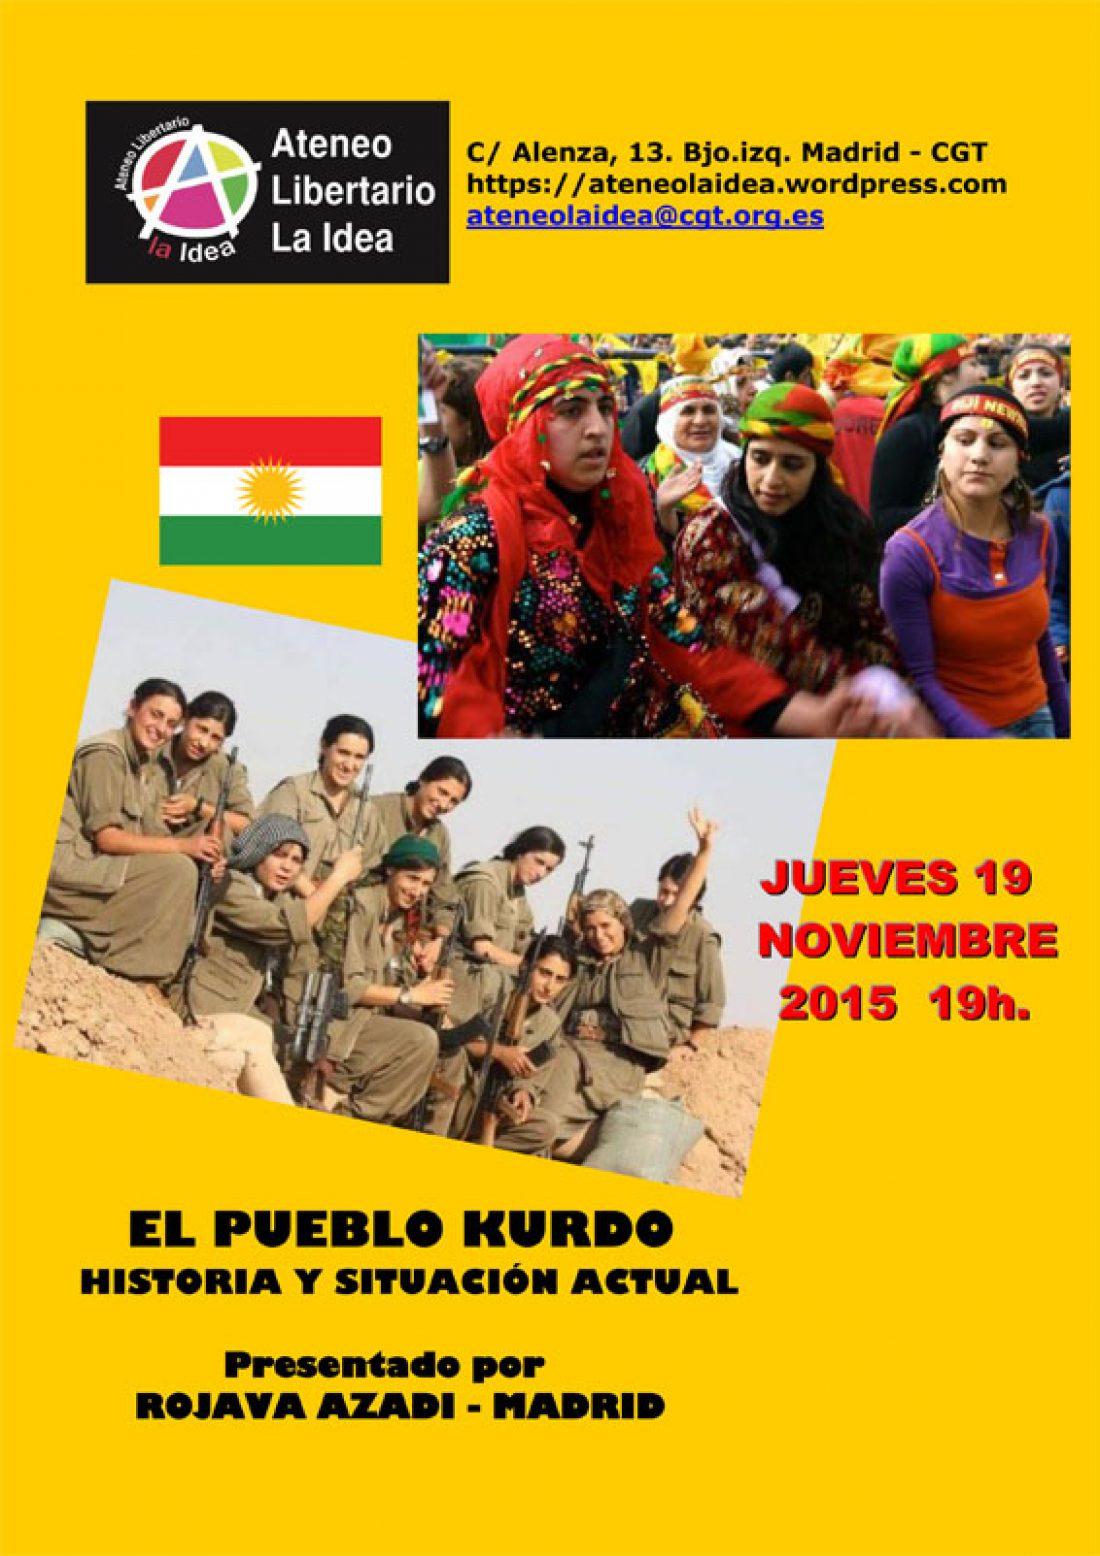 19-N: Charla-Debate sobre el pueblo kurdo en Ateneo Libertario «La Idea»